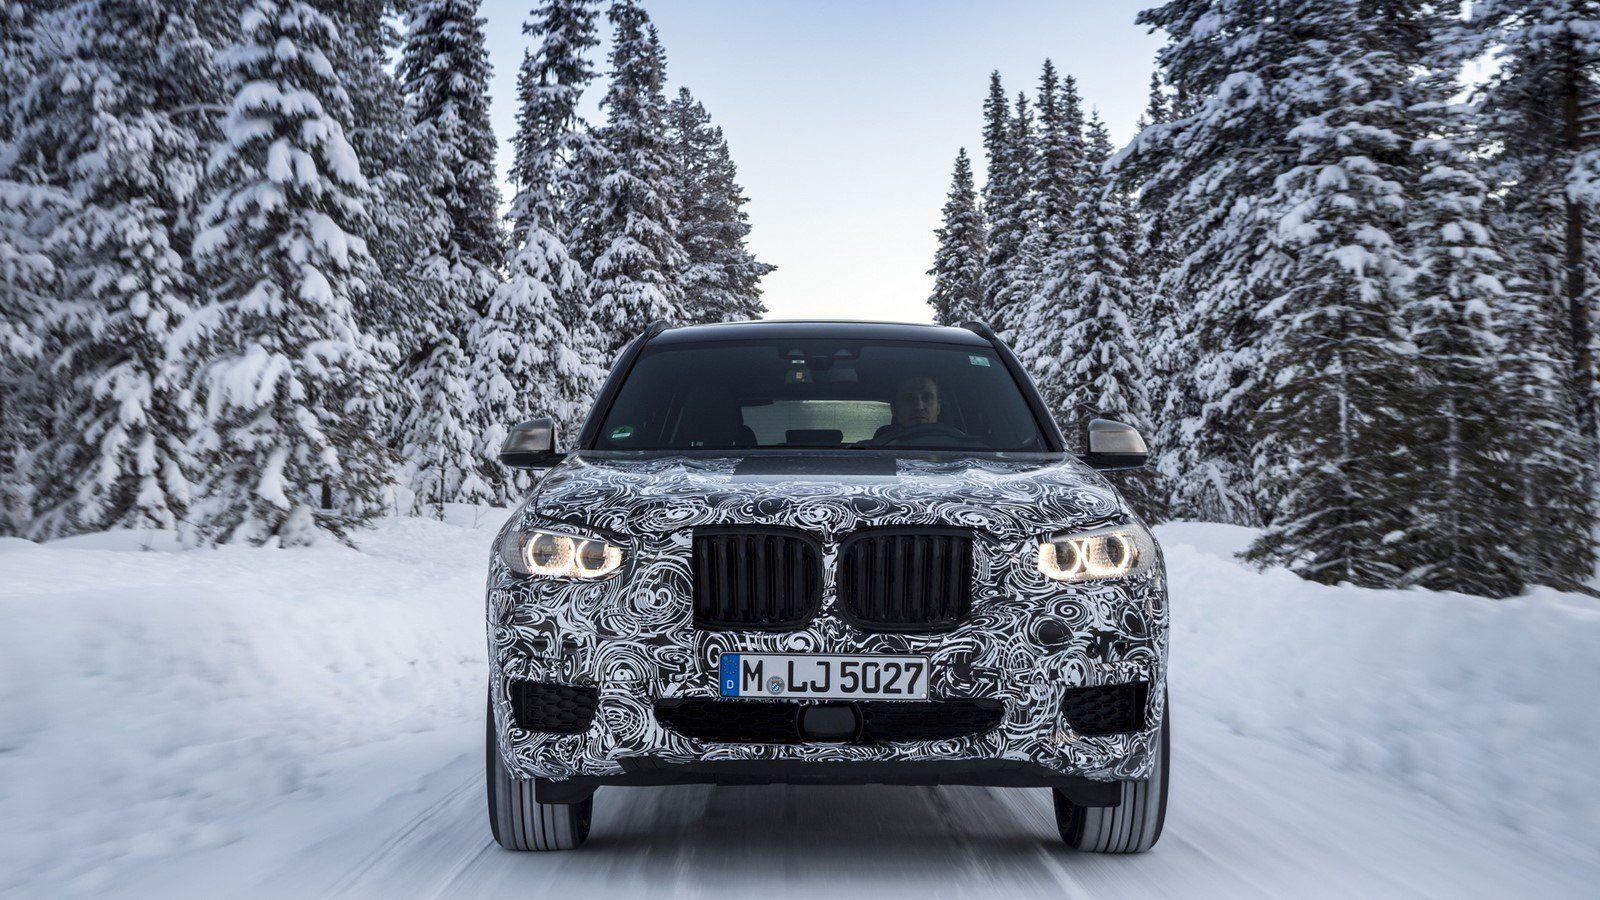 БМВ Х3 в новом кузове 2018 года - дата выхода в продажу и ...: http://allroader.ru/bmw-x3-2018-55570-2/